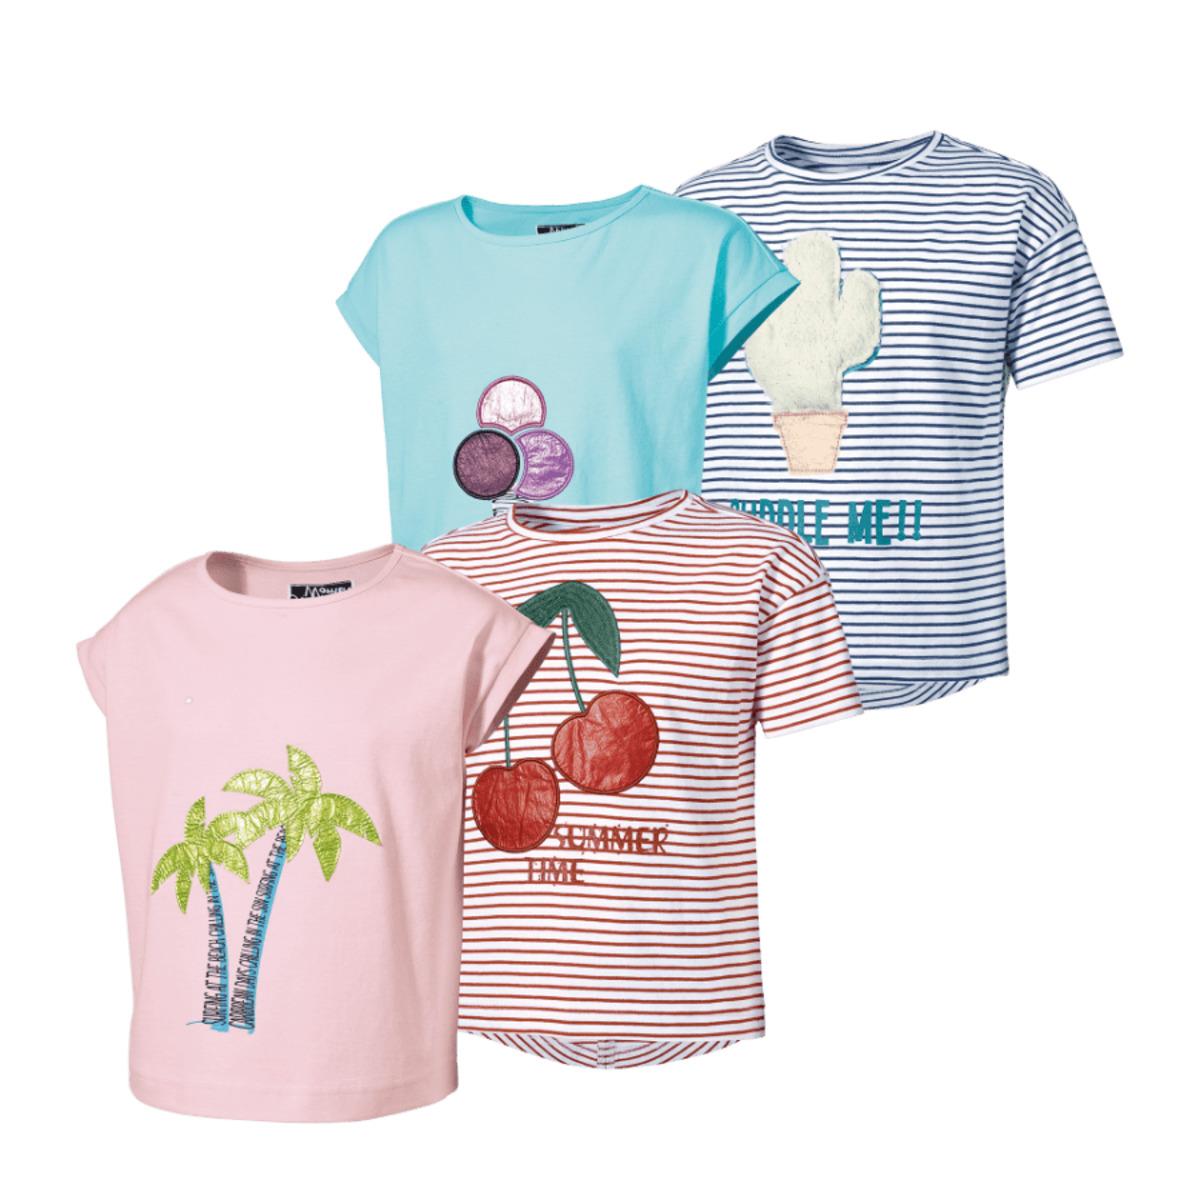 Bild 1 von POCOPIANO     T-Shirts